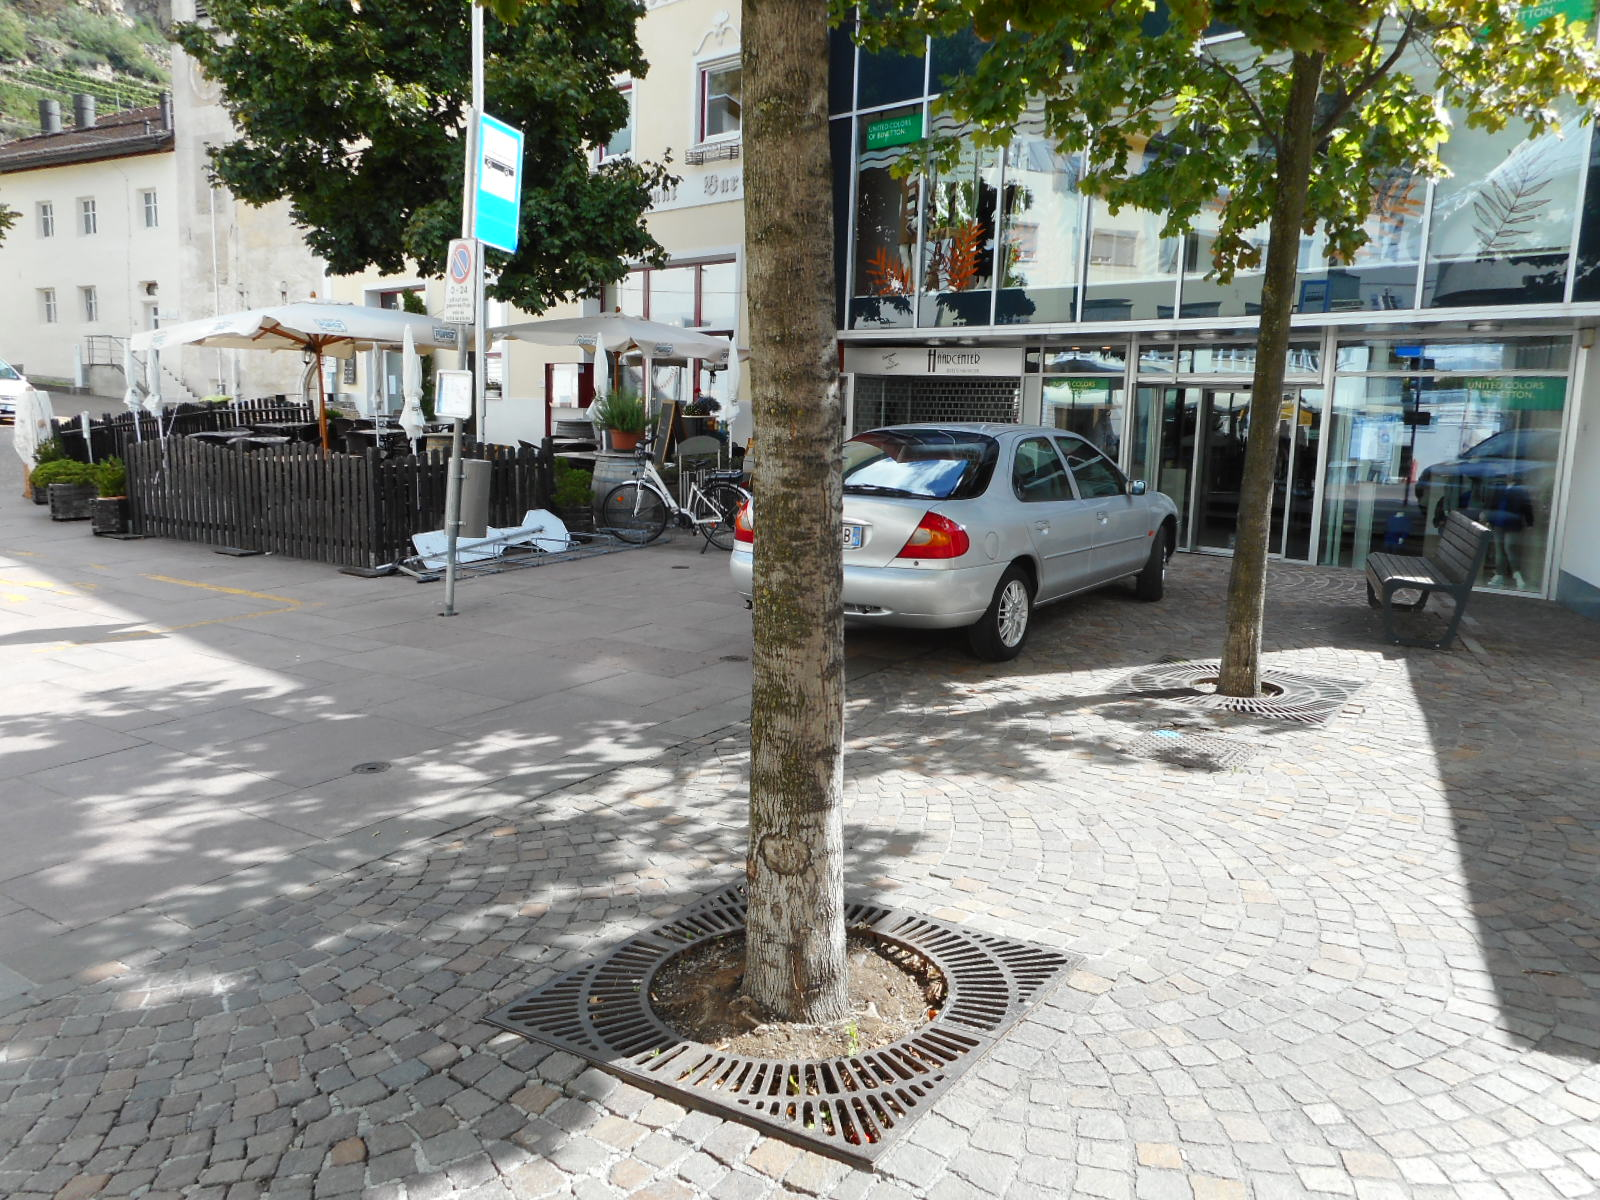 014 1 - Griglie in ghisa per alberi - arredo-urbano-